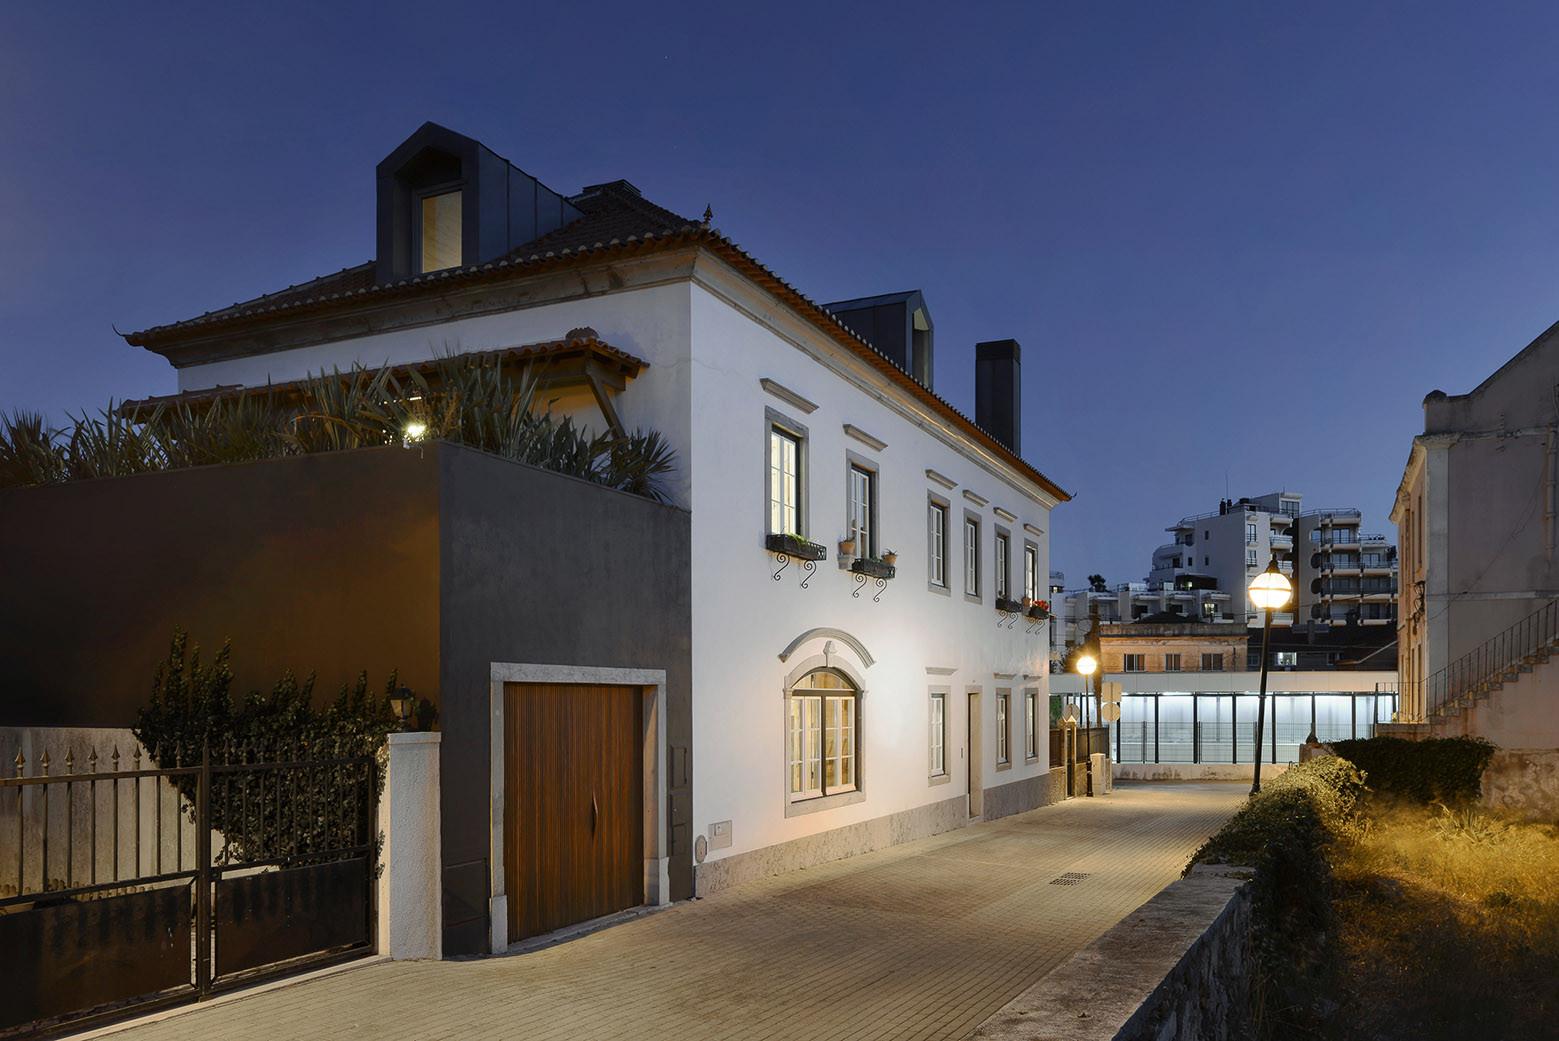 Gallery of House in Estoril / Ricardo Moreno Arquitectos - 10